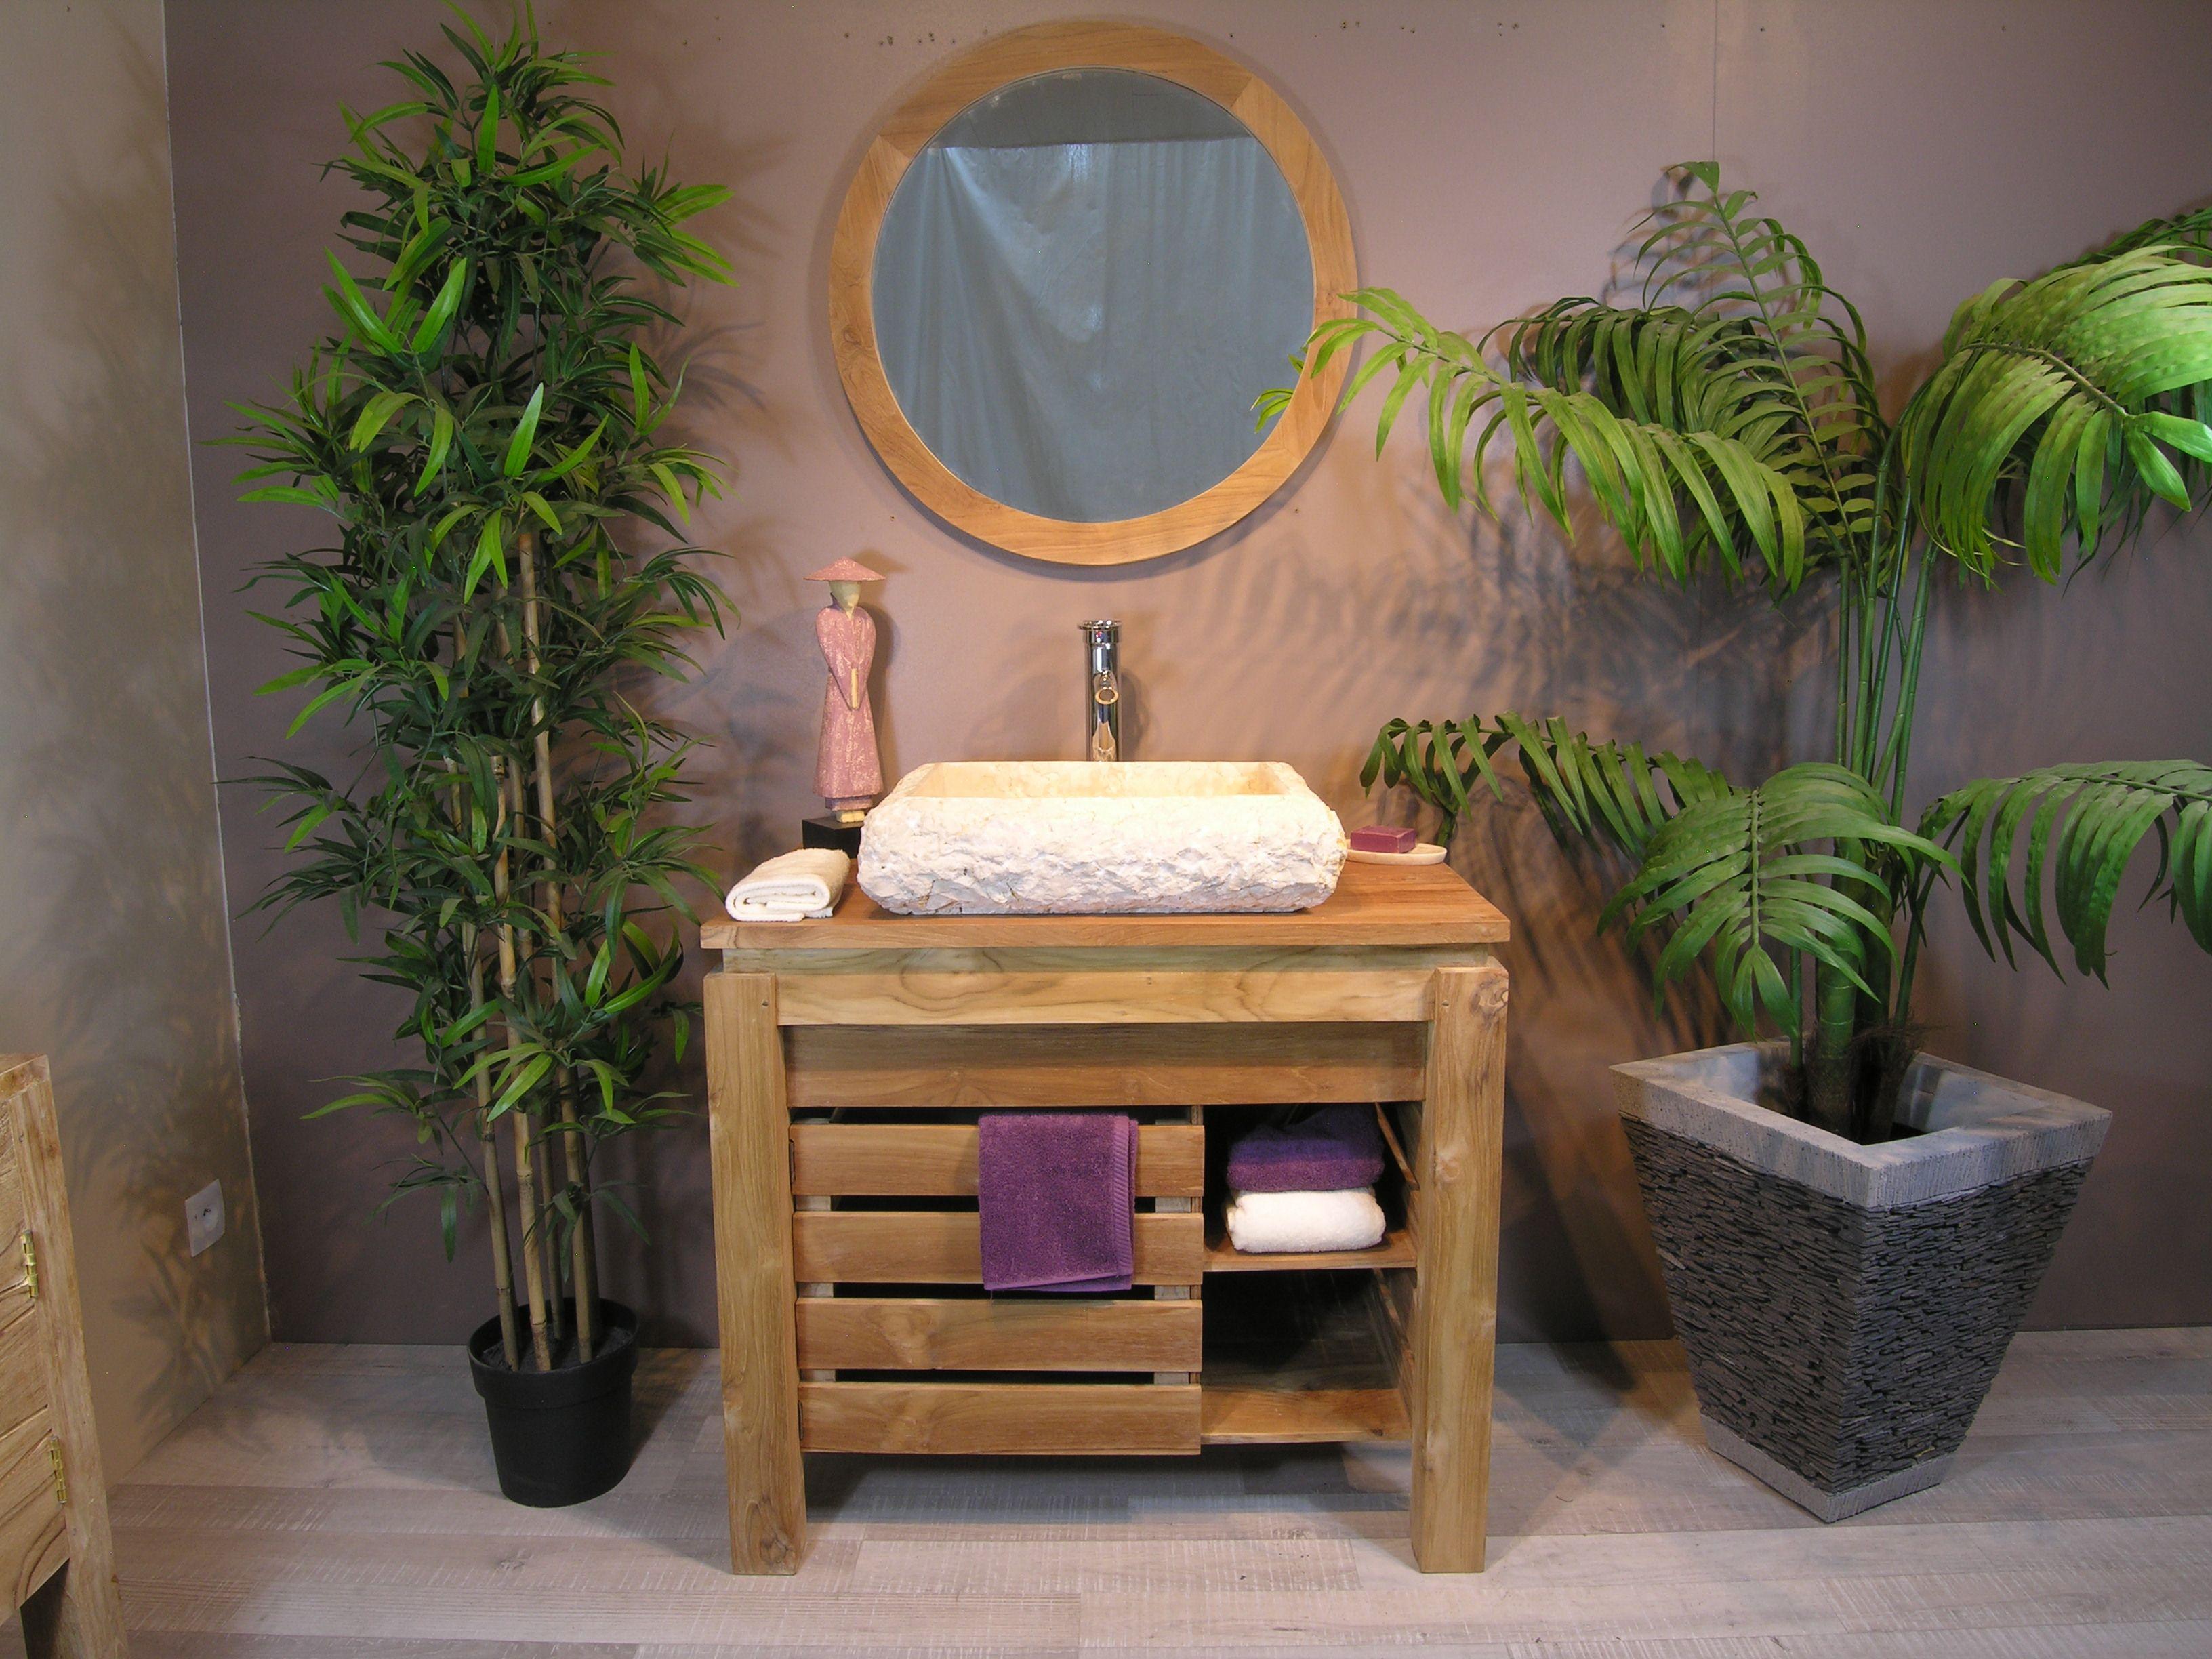 Ori meuble de salle de bain en teck zen 85cm miroir 446 for Meuble de salle de bain zen